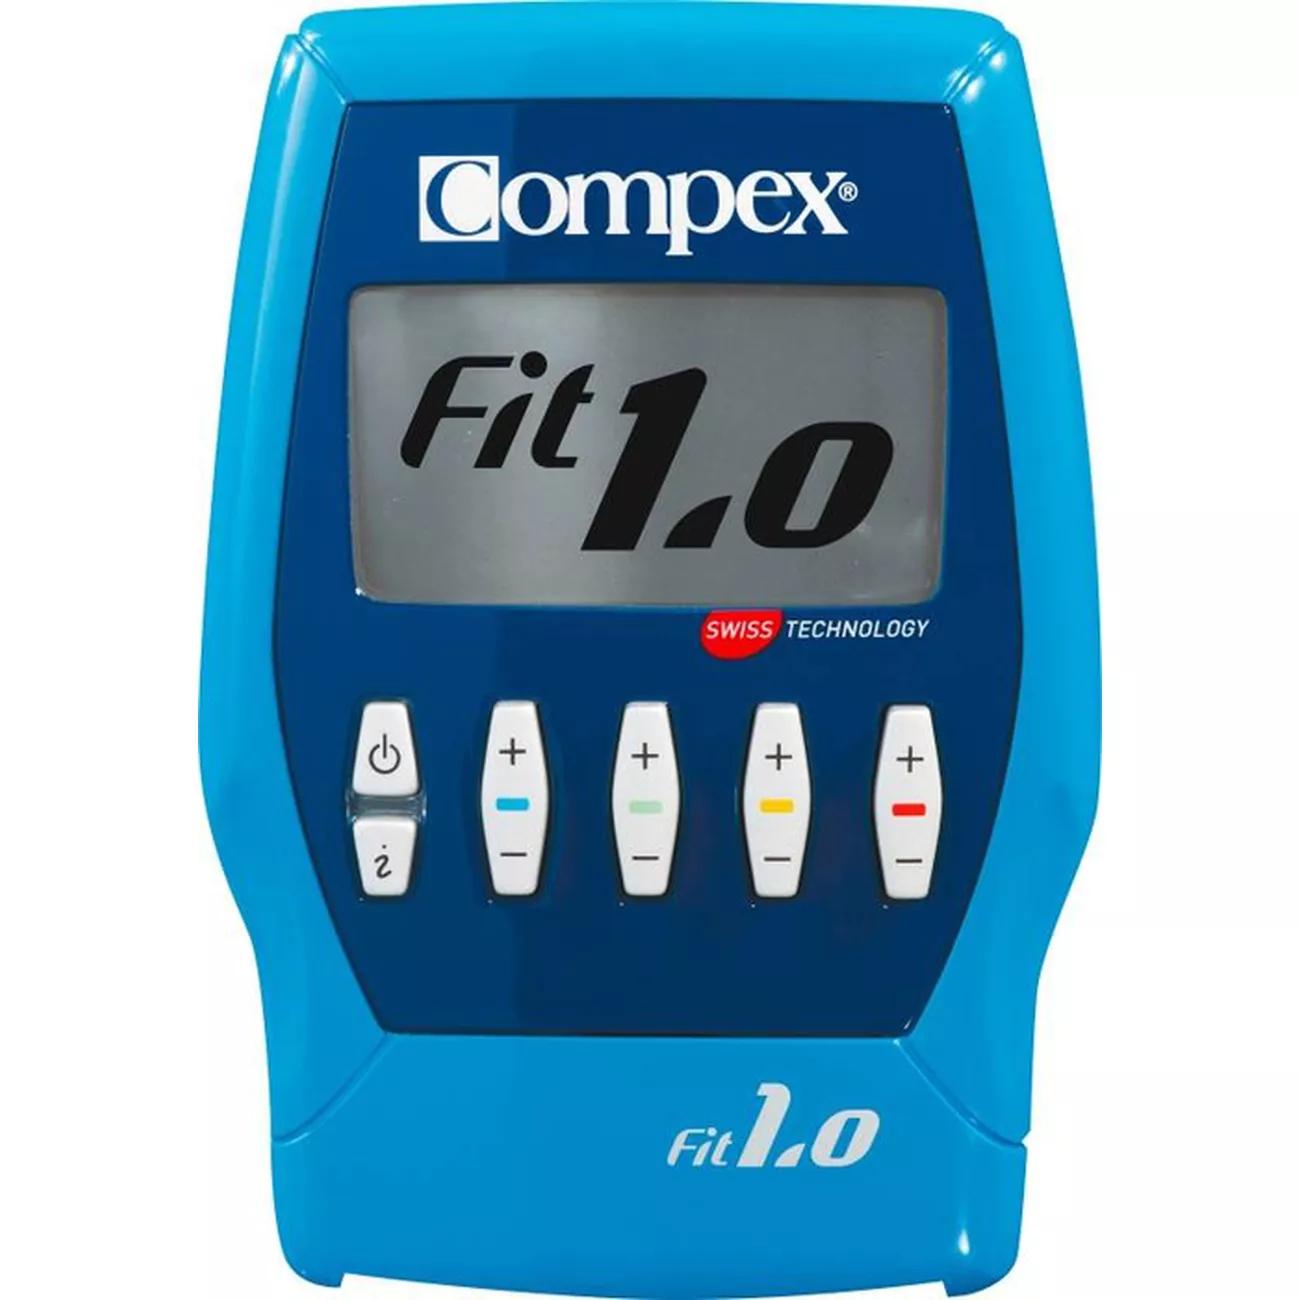 Electro-stimulateur Compex Fit 1.0